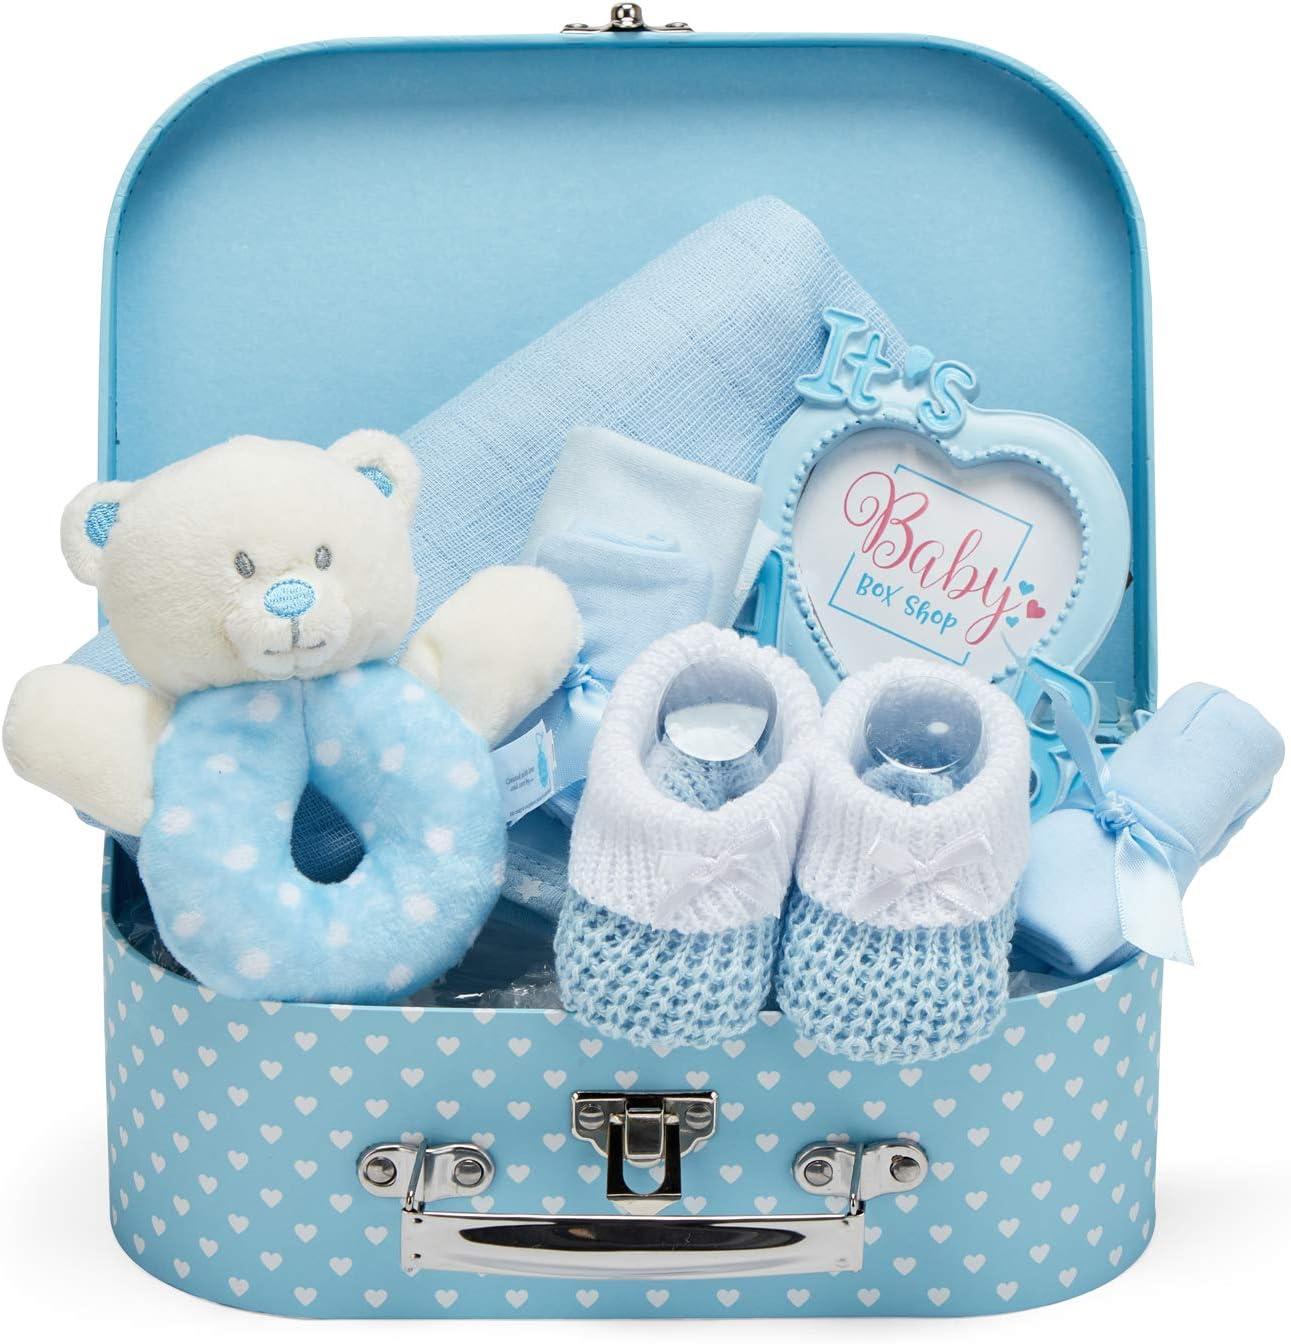 Baby Box Shop Cesta para Bebé para Regalo Baby Shower Niño con Accesorios para Recién Nacido - Incluye Sonajero - Marco de Foto - Muselina Bebé - Babero de Bebé - Calcetines - Manoplas y Gorrito bebé